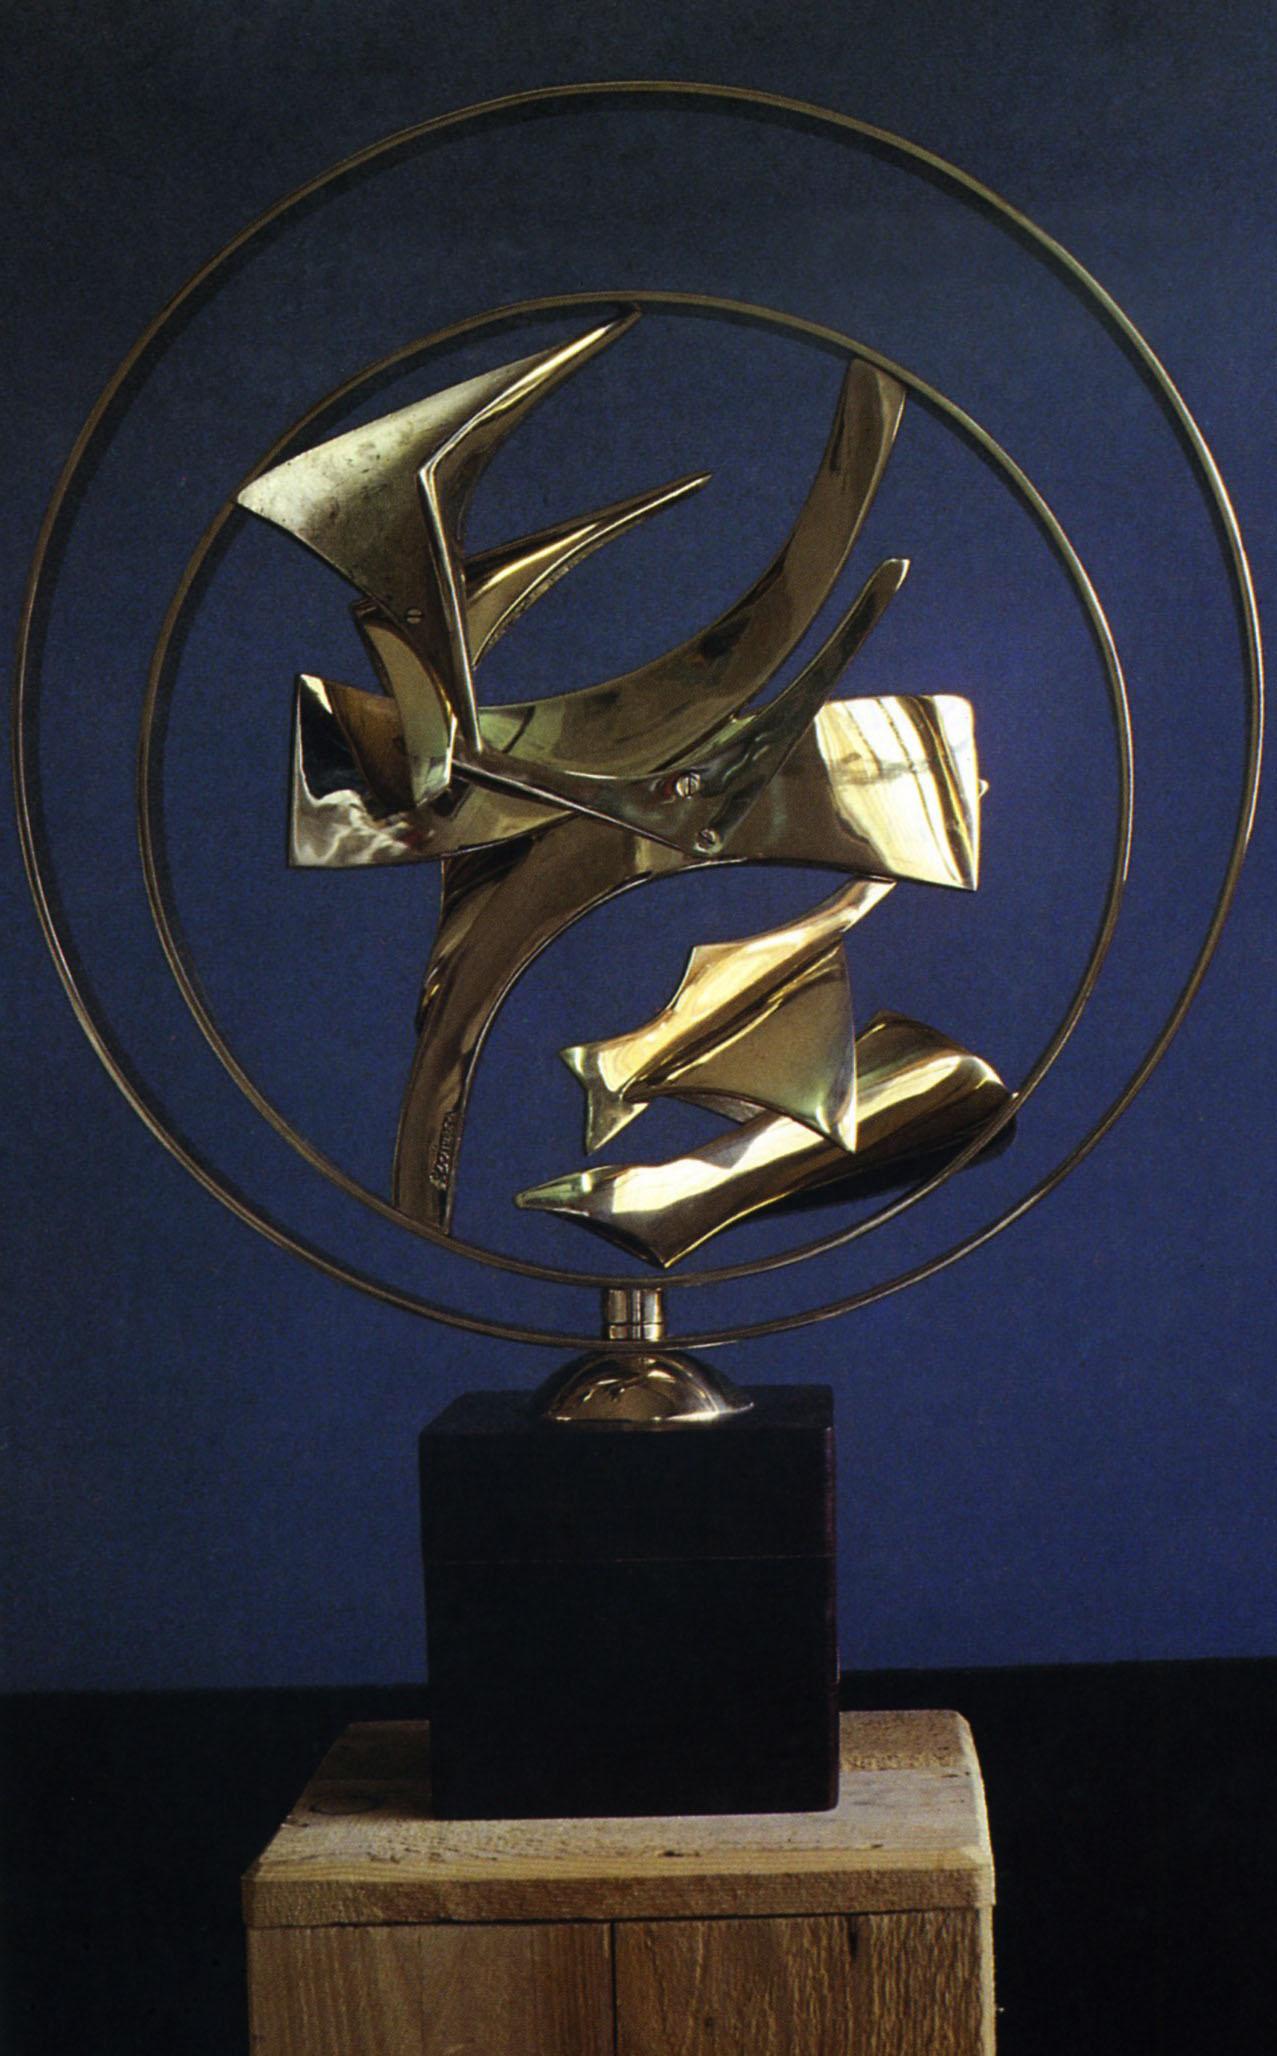 Filippo Scimeca - Palpitar d'ali